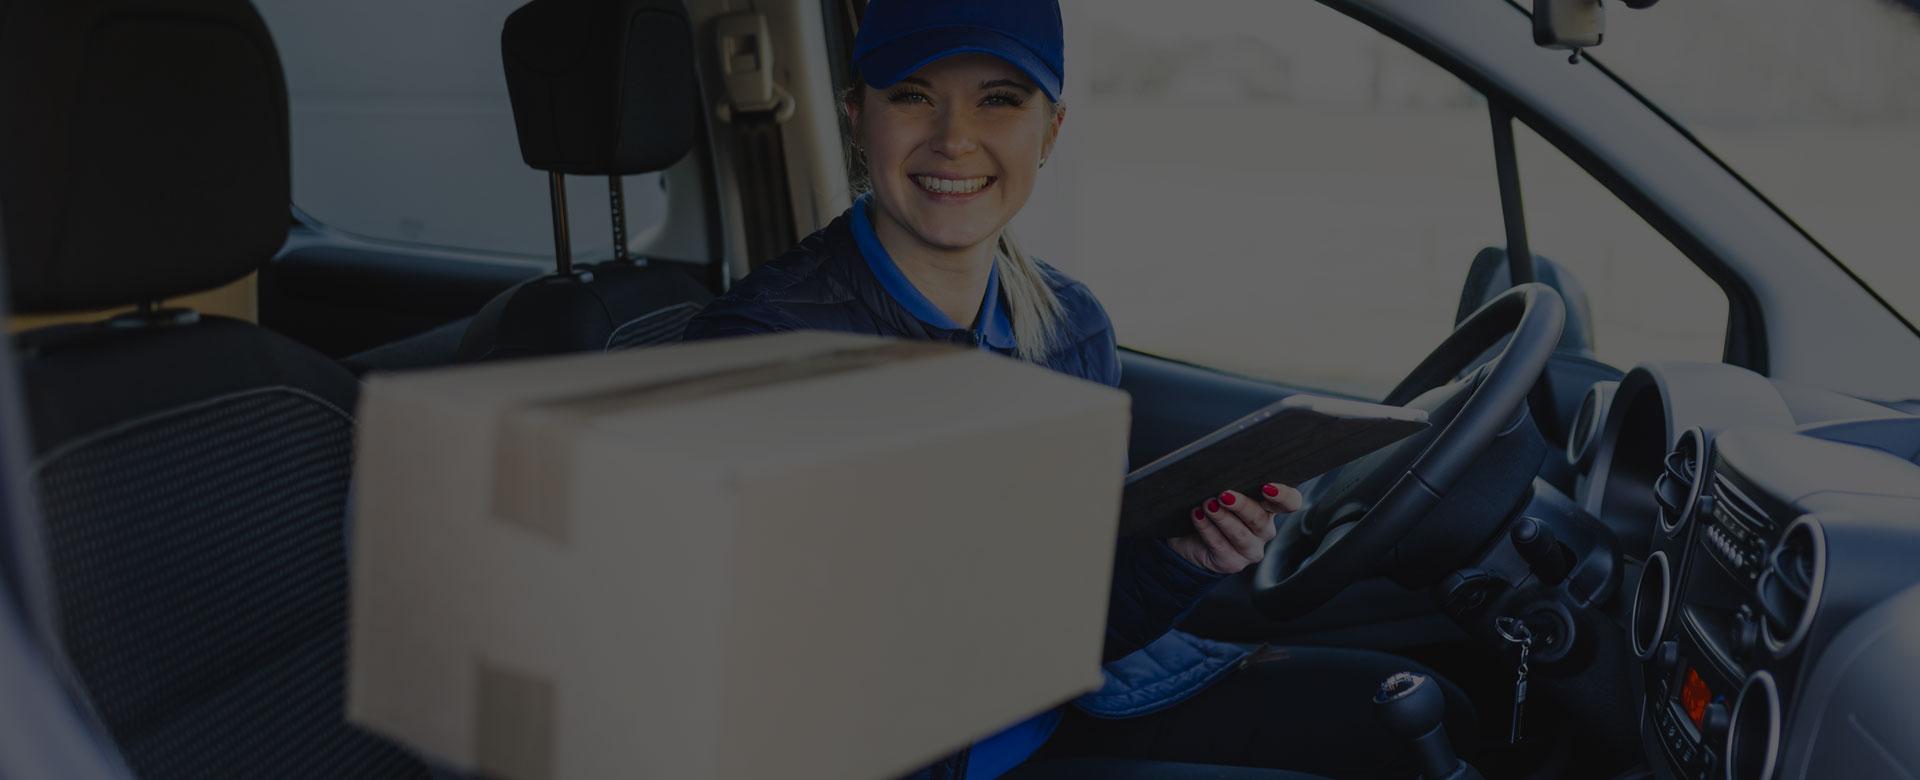 Envío de paquetes<br>A TODO COLOMBIA